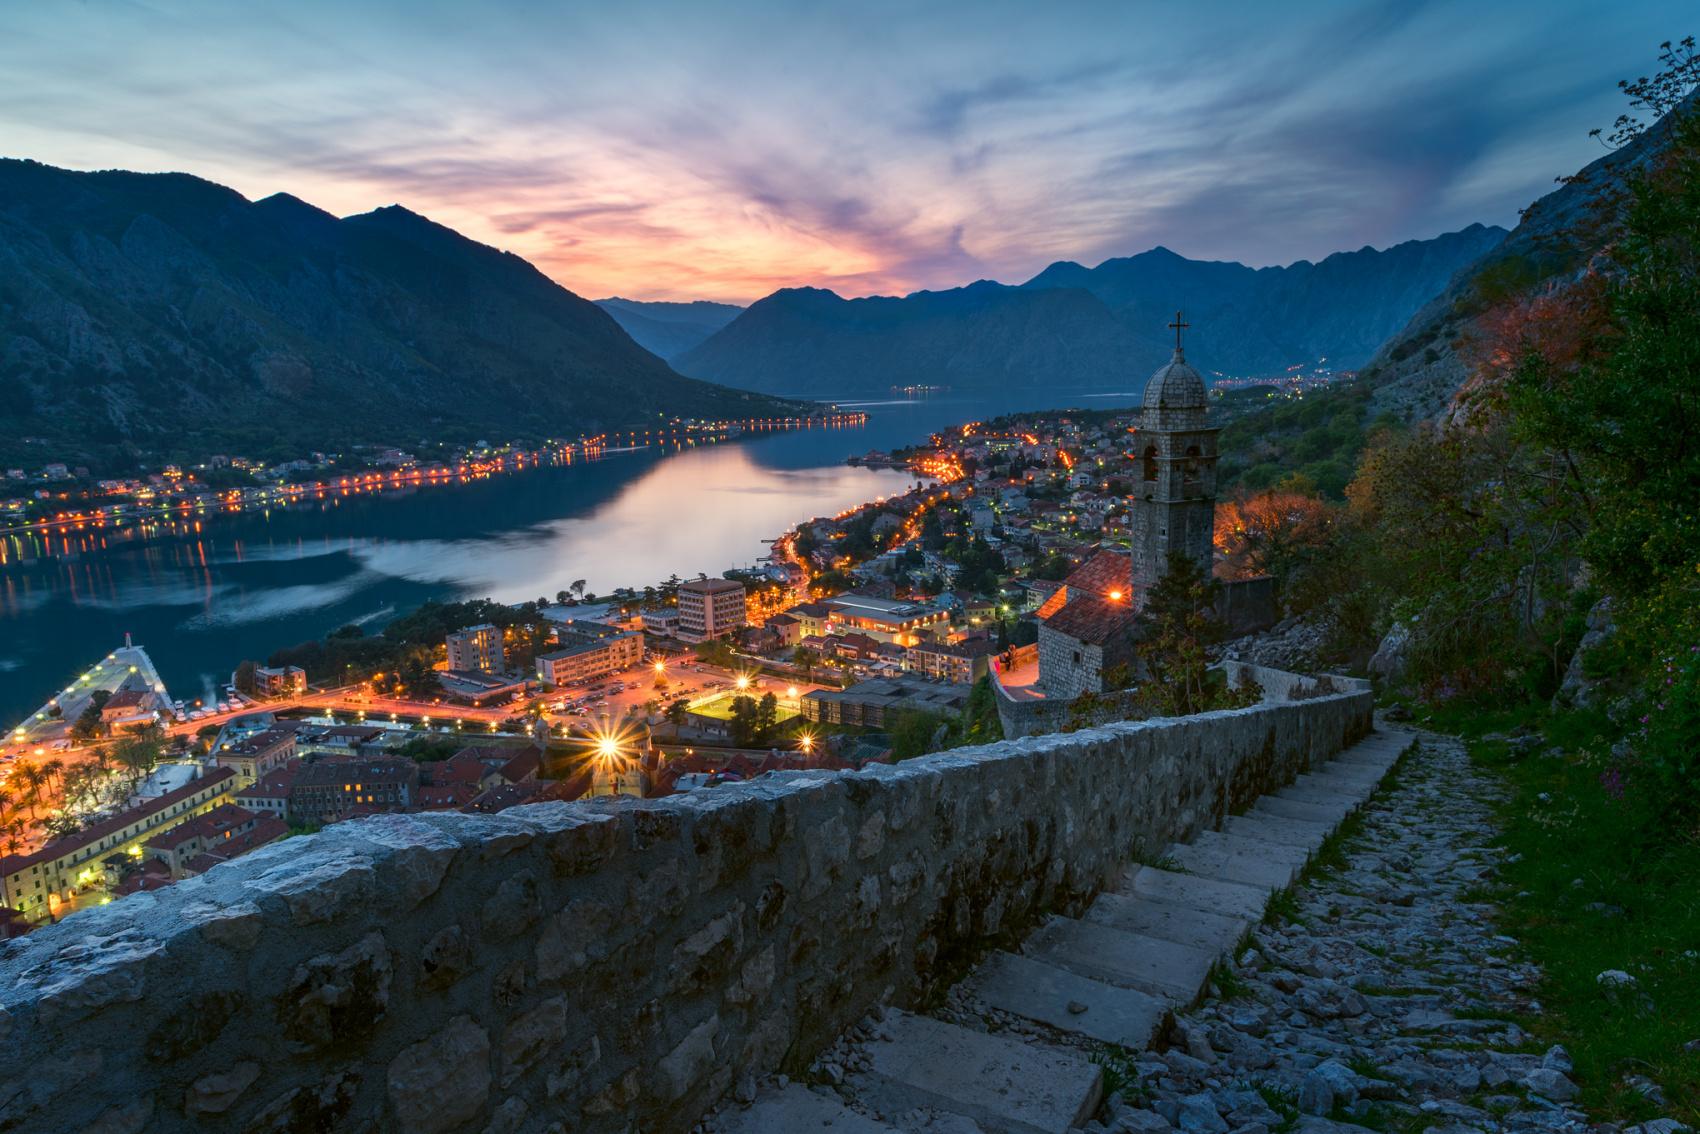 выглядит картинки черногории в хорошем качестве вечера положить продукты